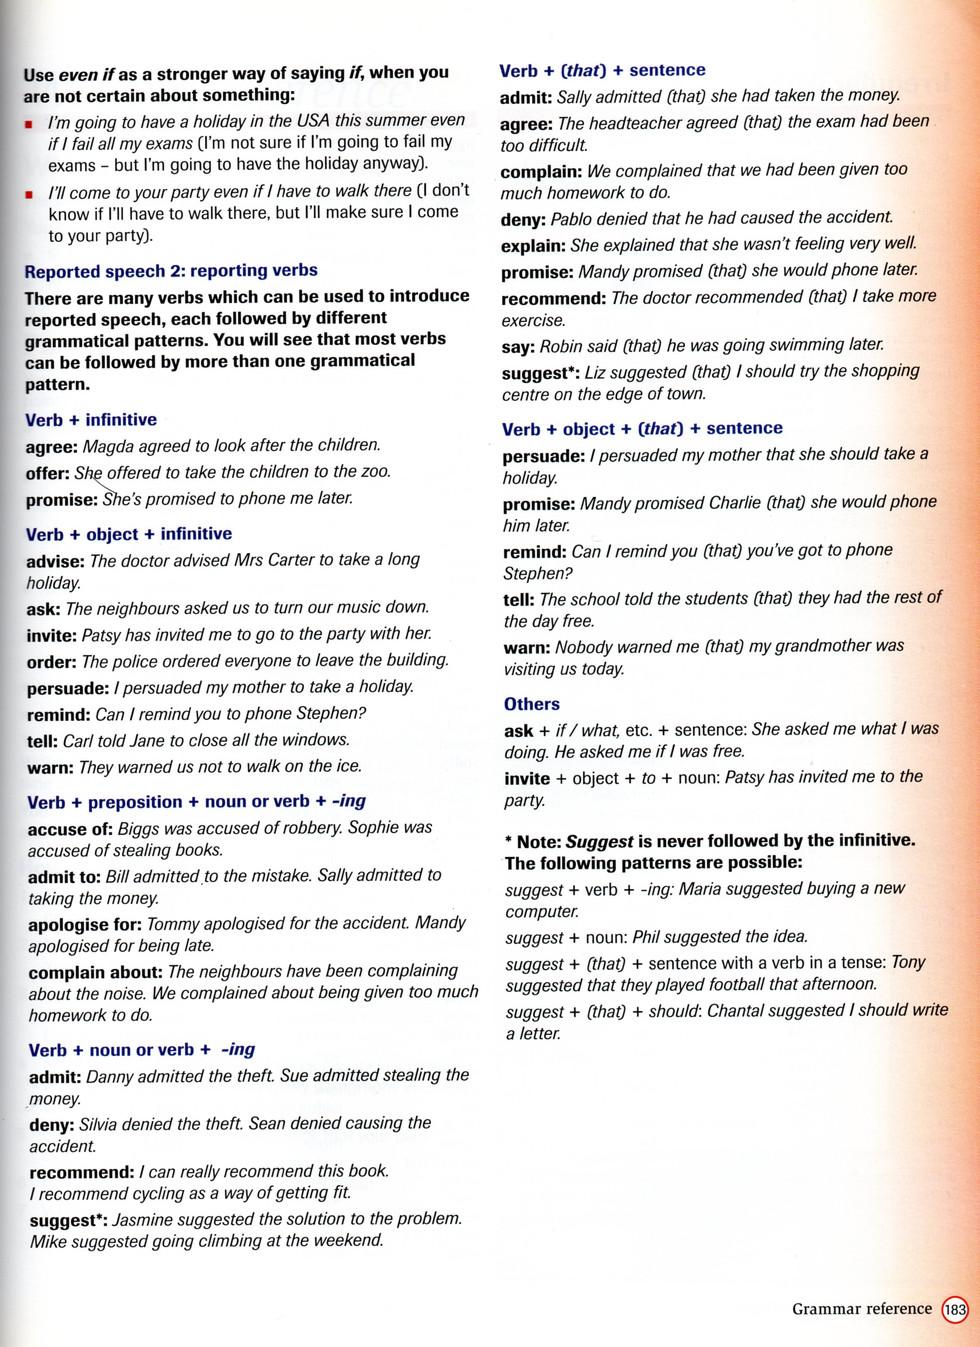 Libro Cambridge First Gramatica015.jpg